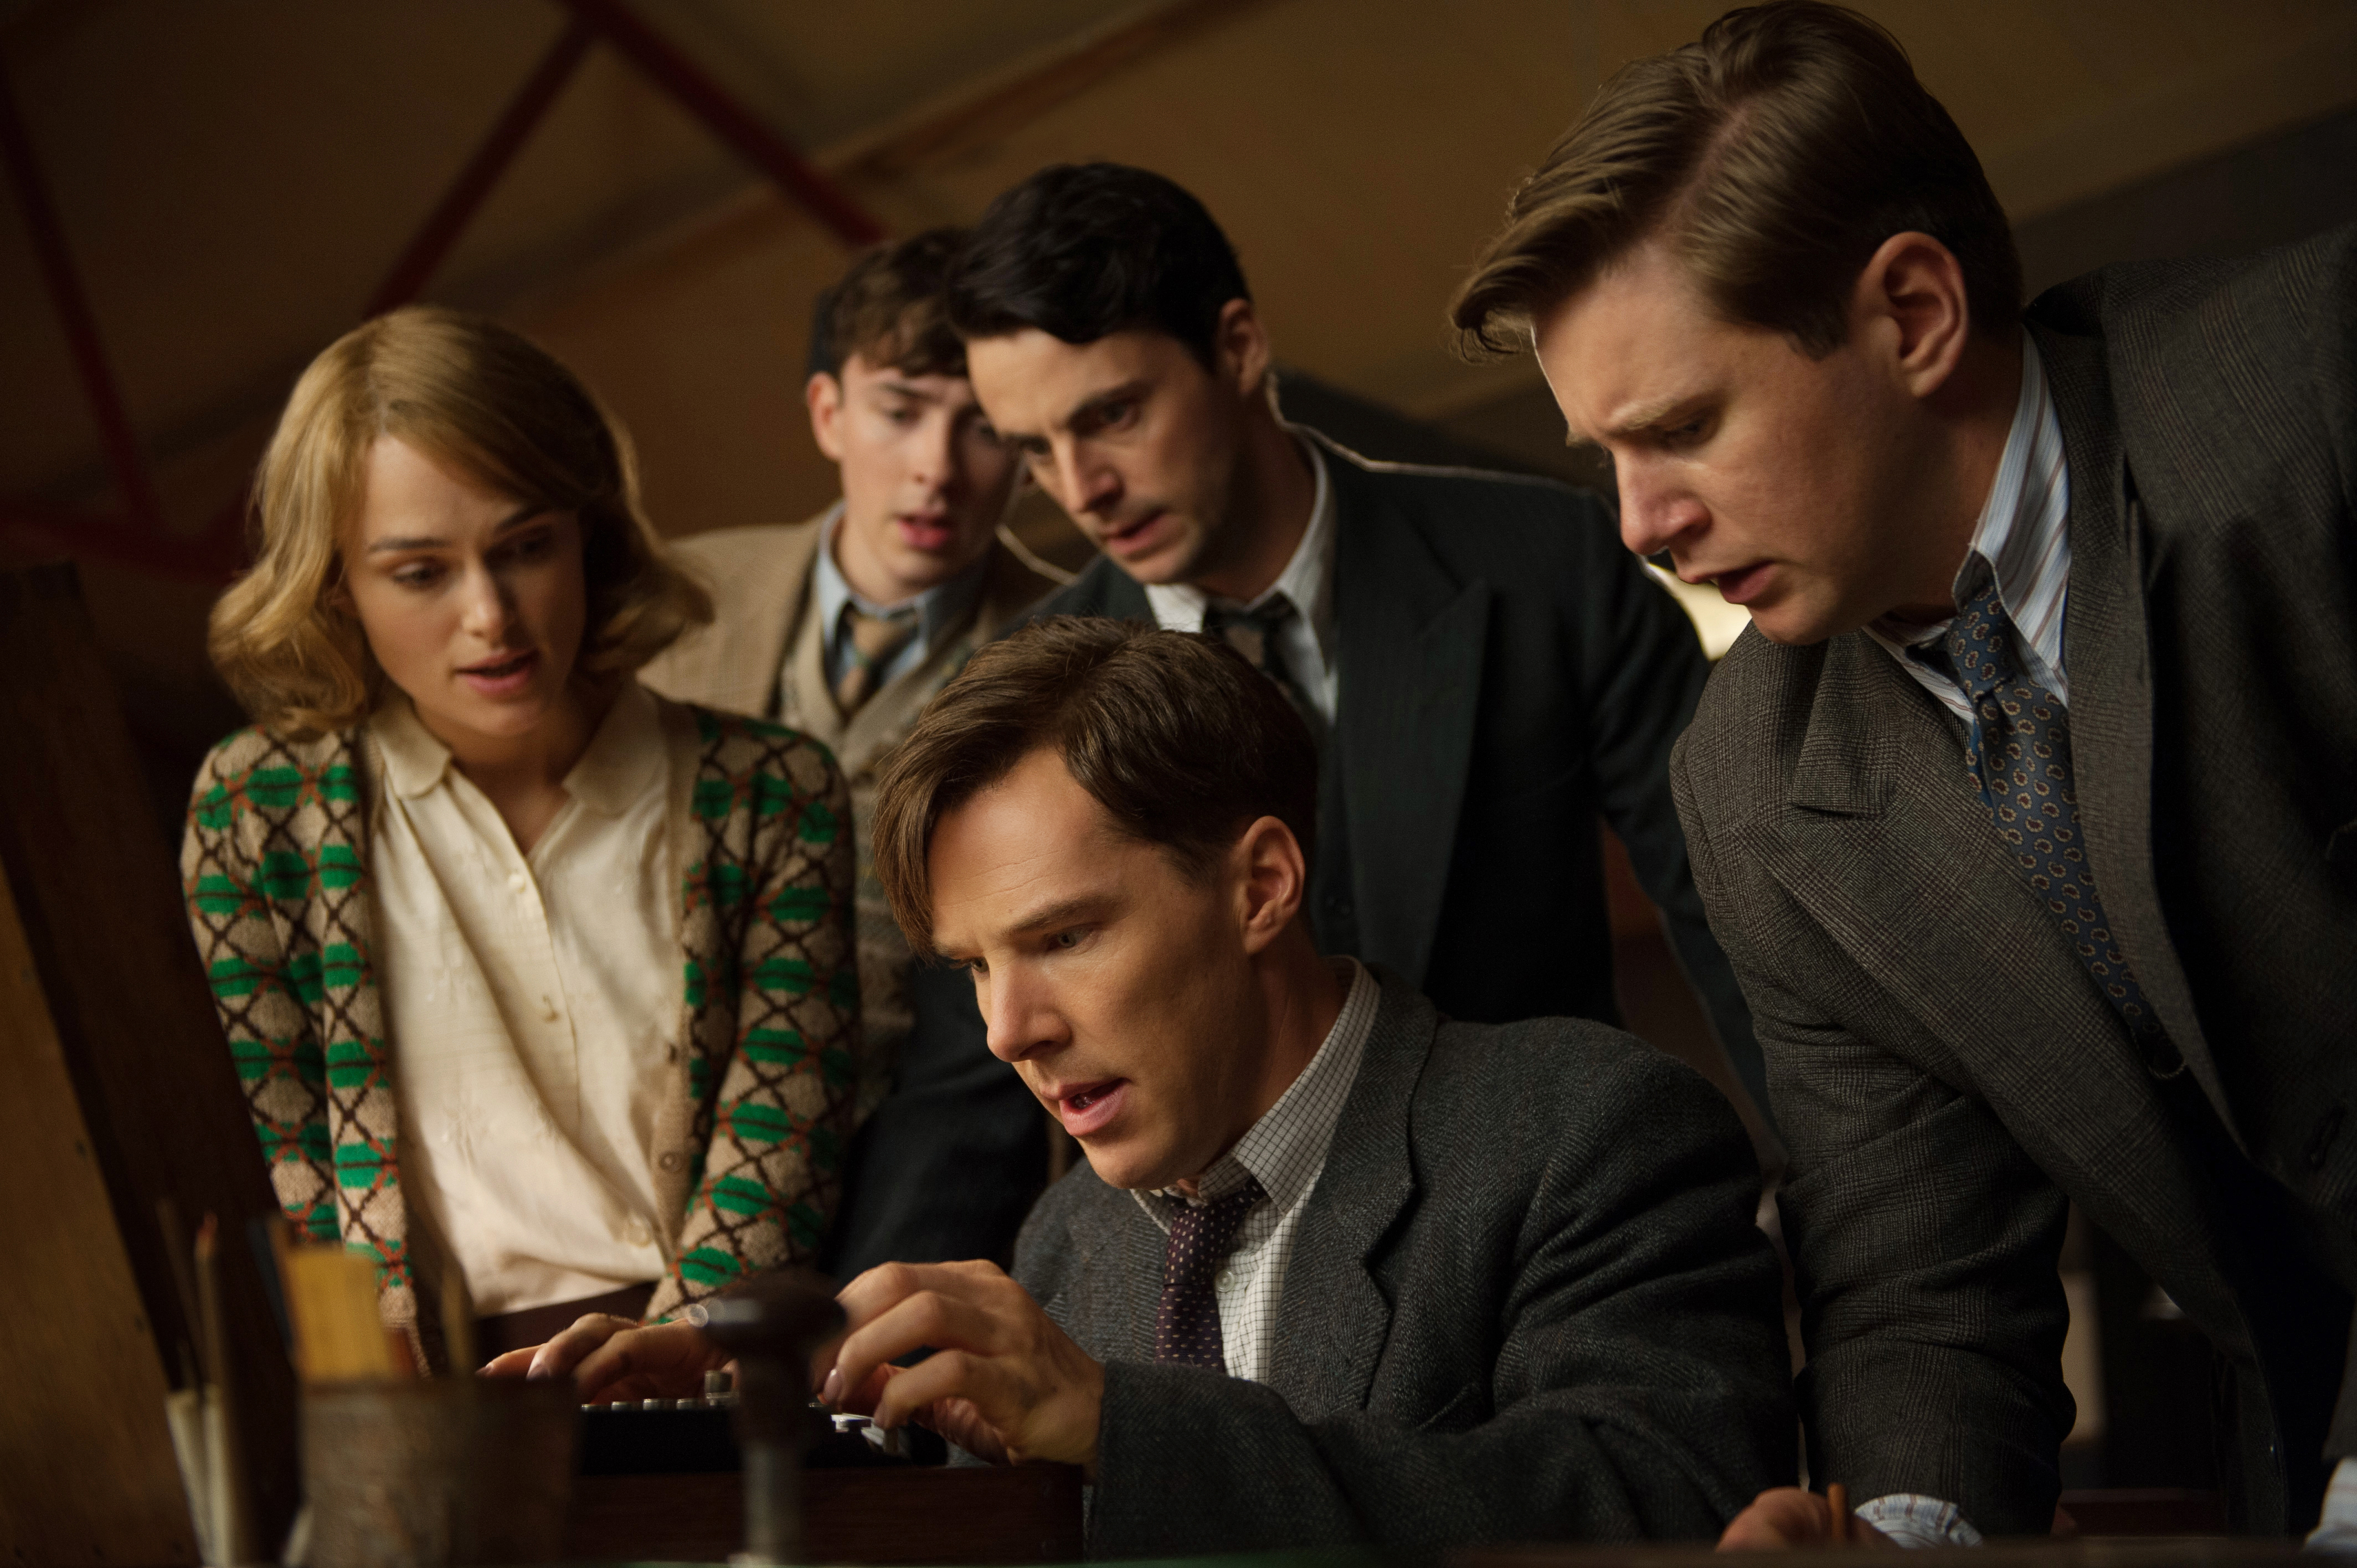 De gauche à droite: Keira Knightley, Matthew Beard, Allen Leech, Matthew Goode, Benedict Cumberbatch (bas)